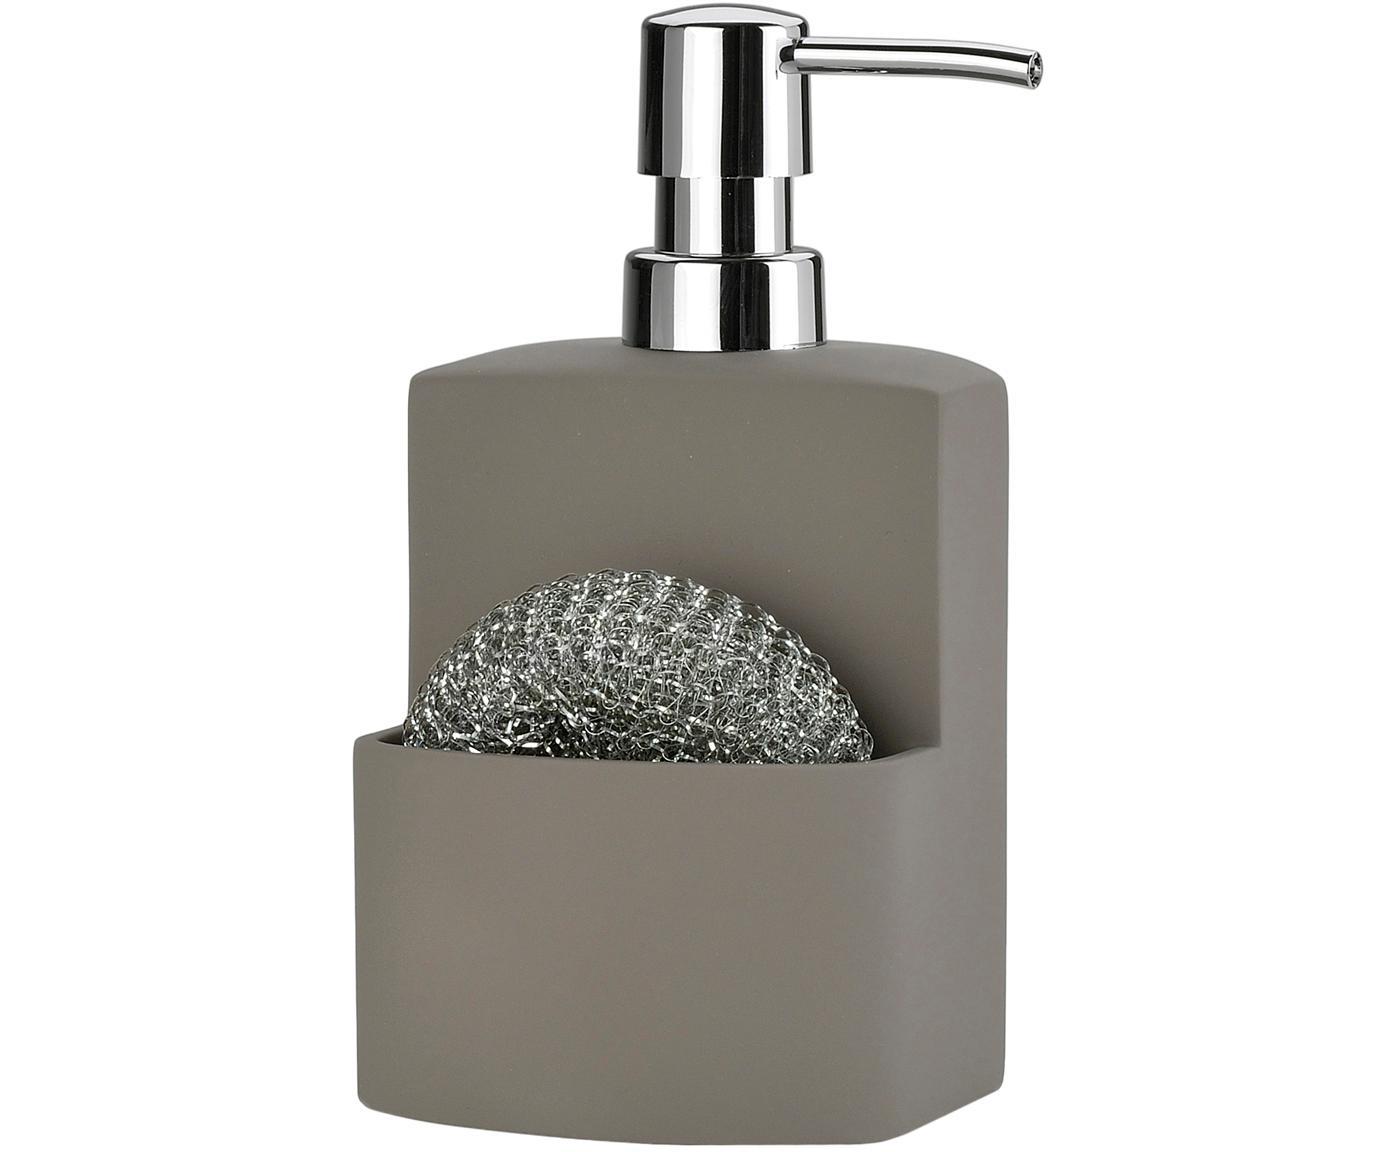 Komplet dozowników do mydła z gąbką Seeque, 2 elem., Szary, odcienie srebrnego, S 11 x W 19 cm